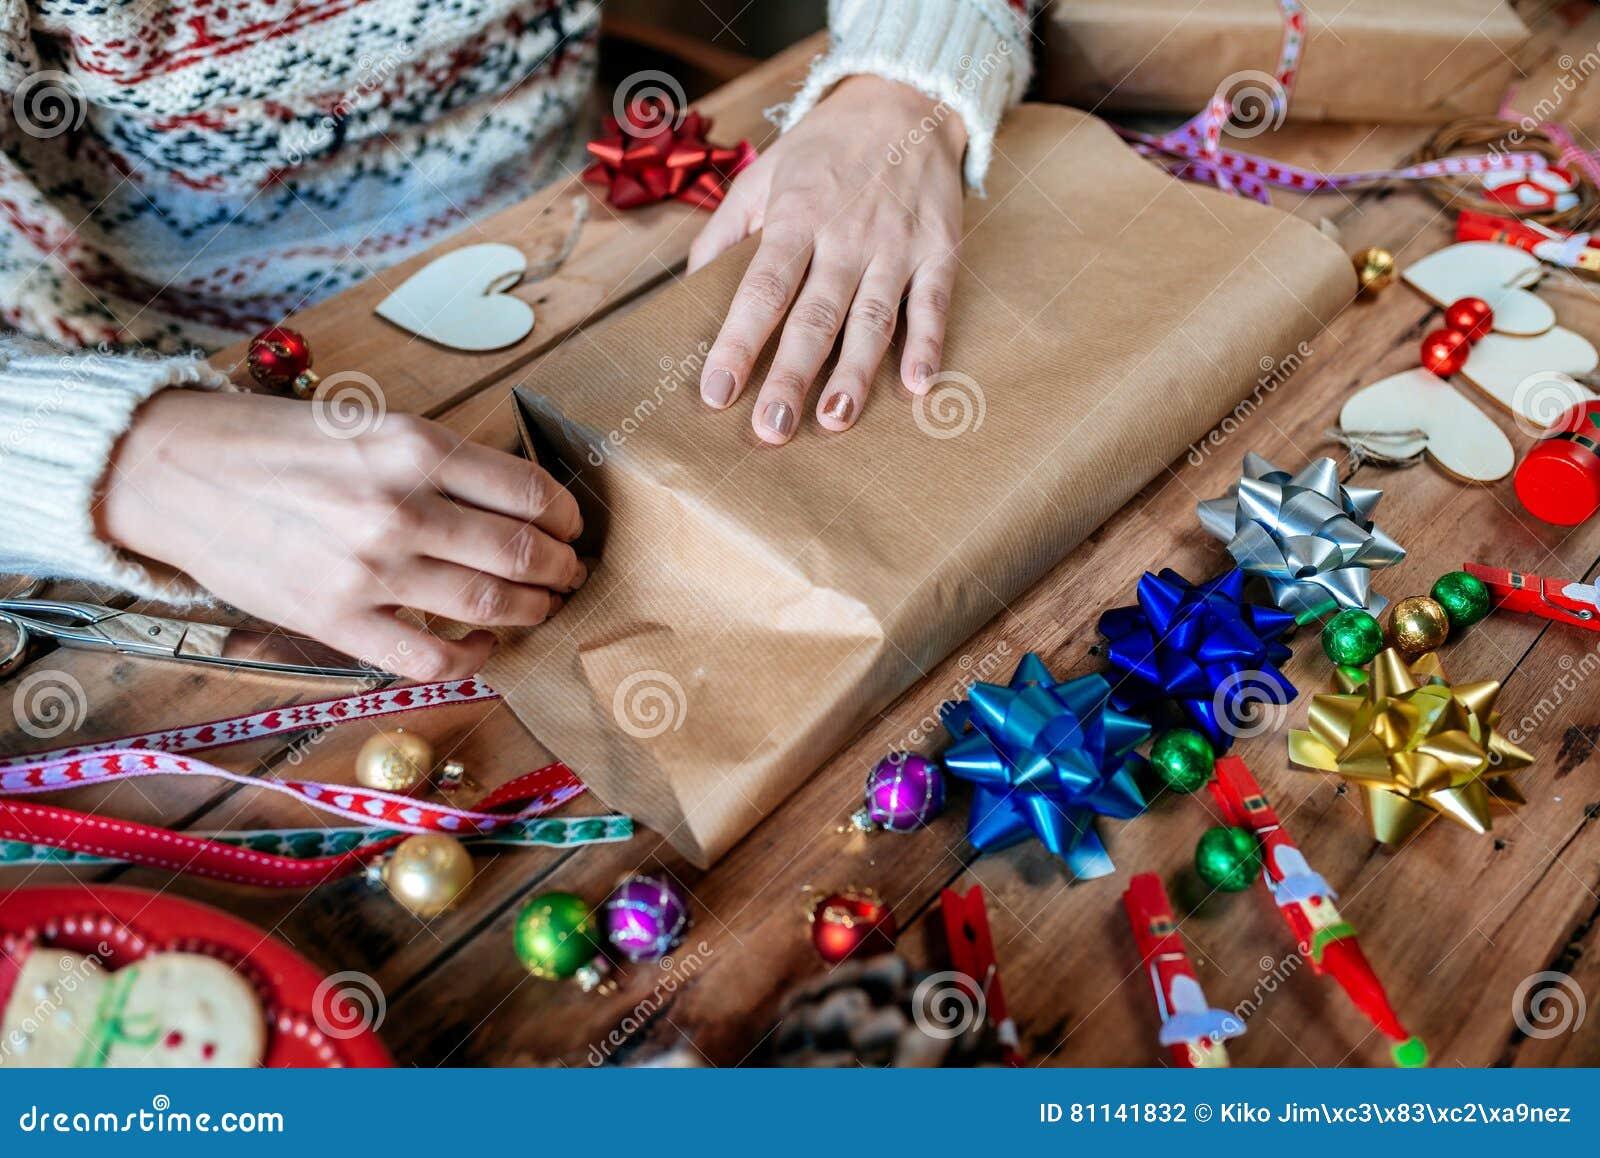 Hände, Die Weihnachtsgeschenk Einwickeln Stockfoto - Bild von ...